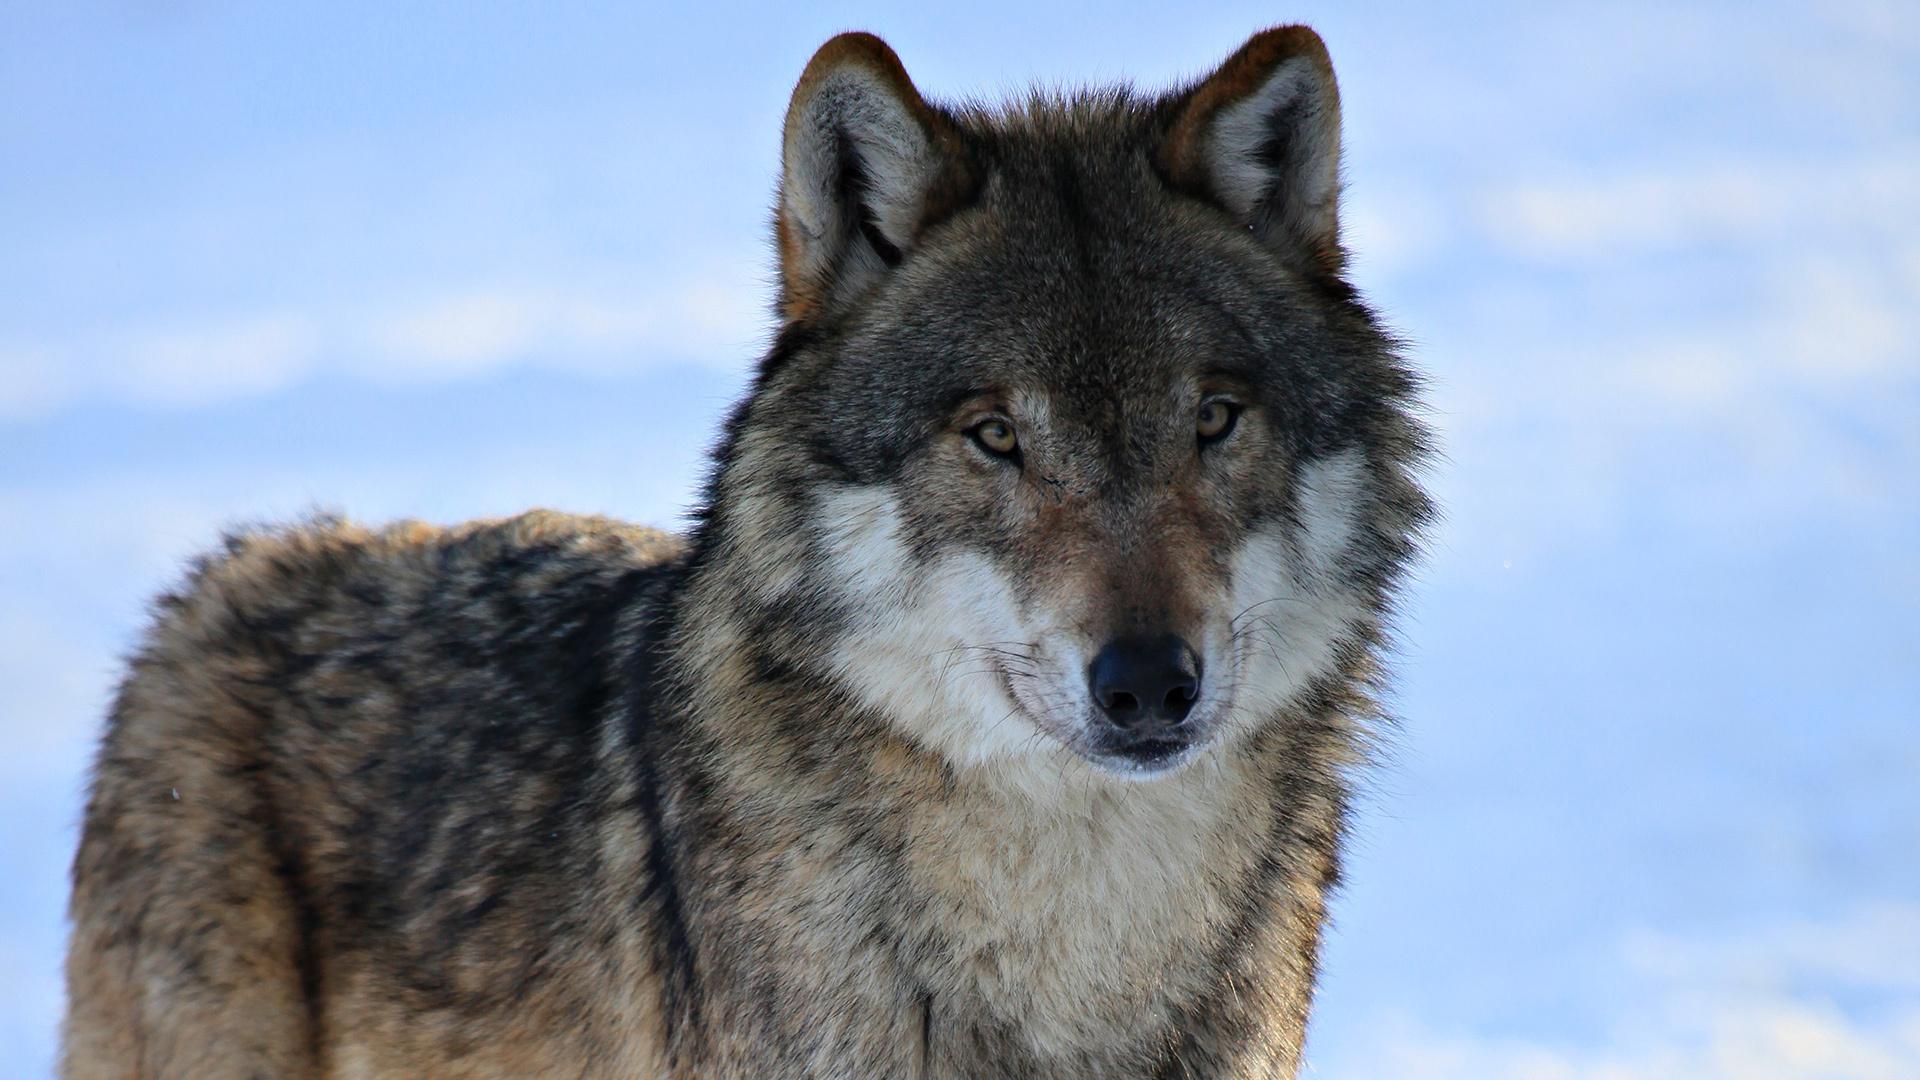 макияже картинки серые волки на обои некоторых